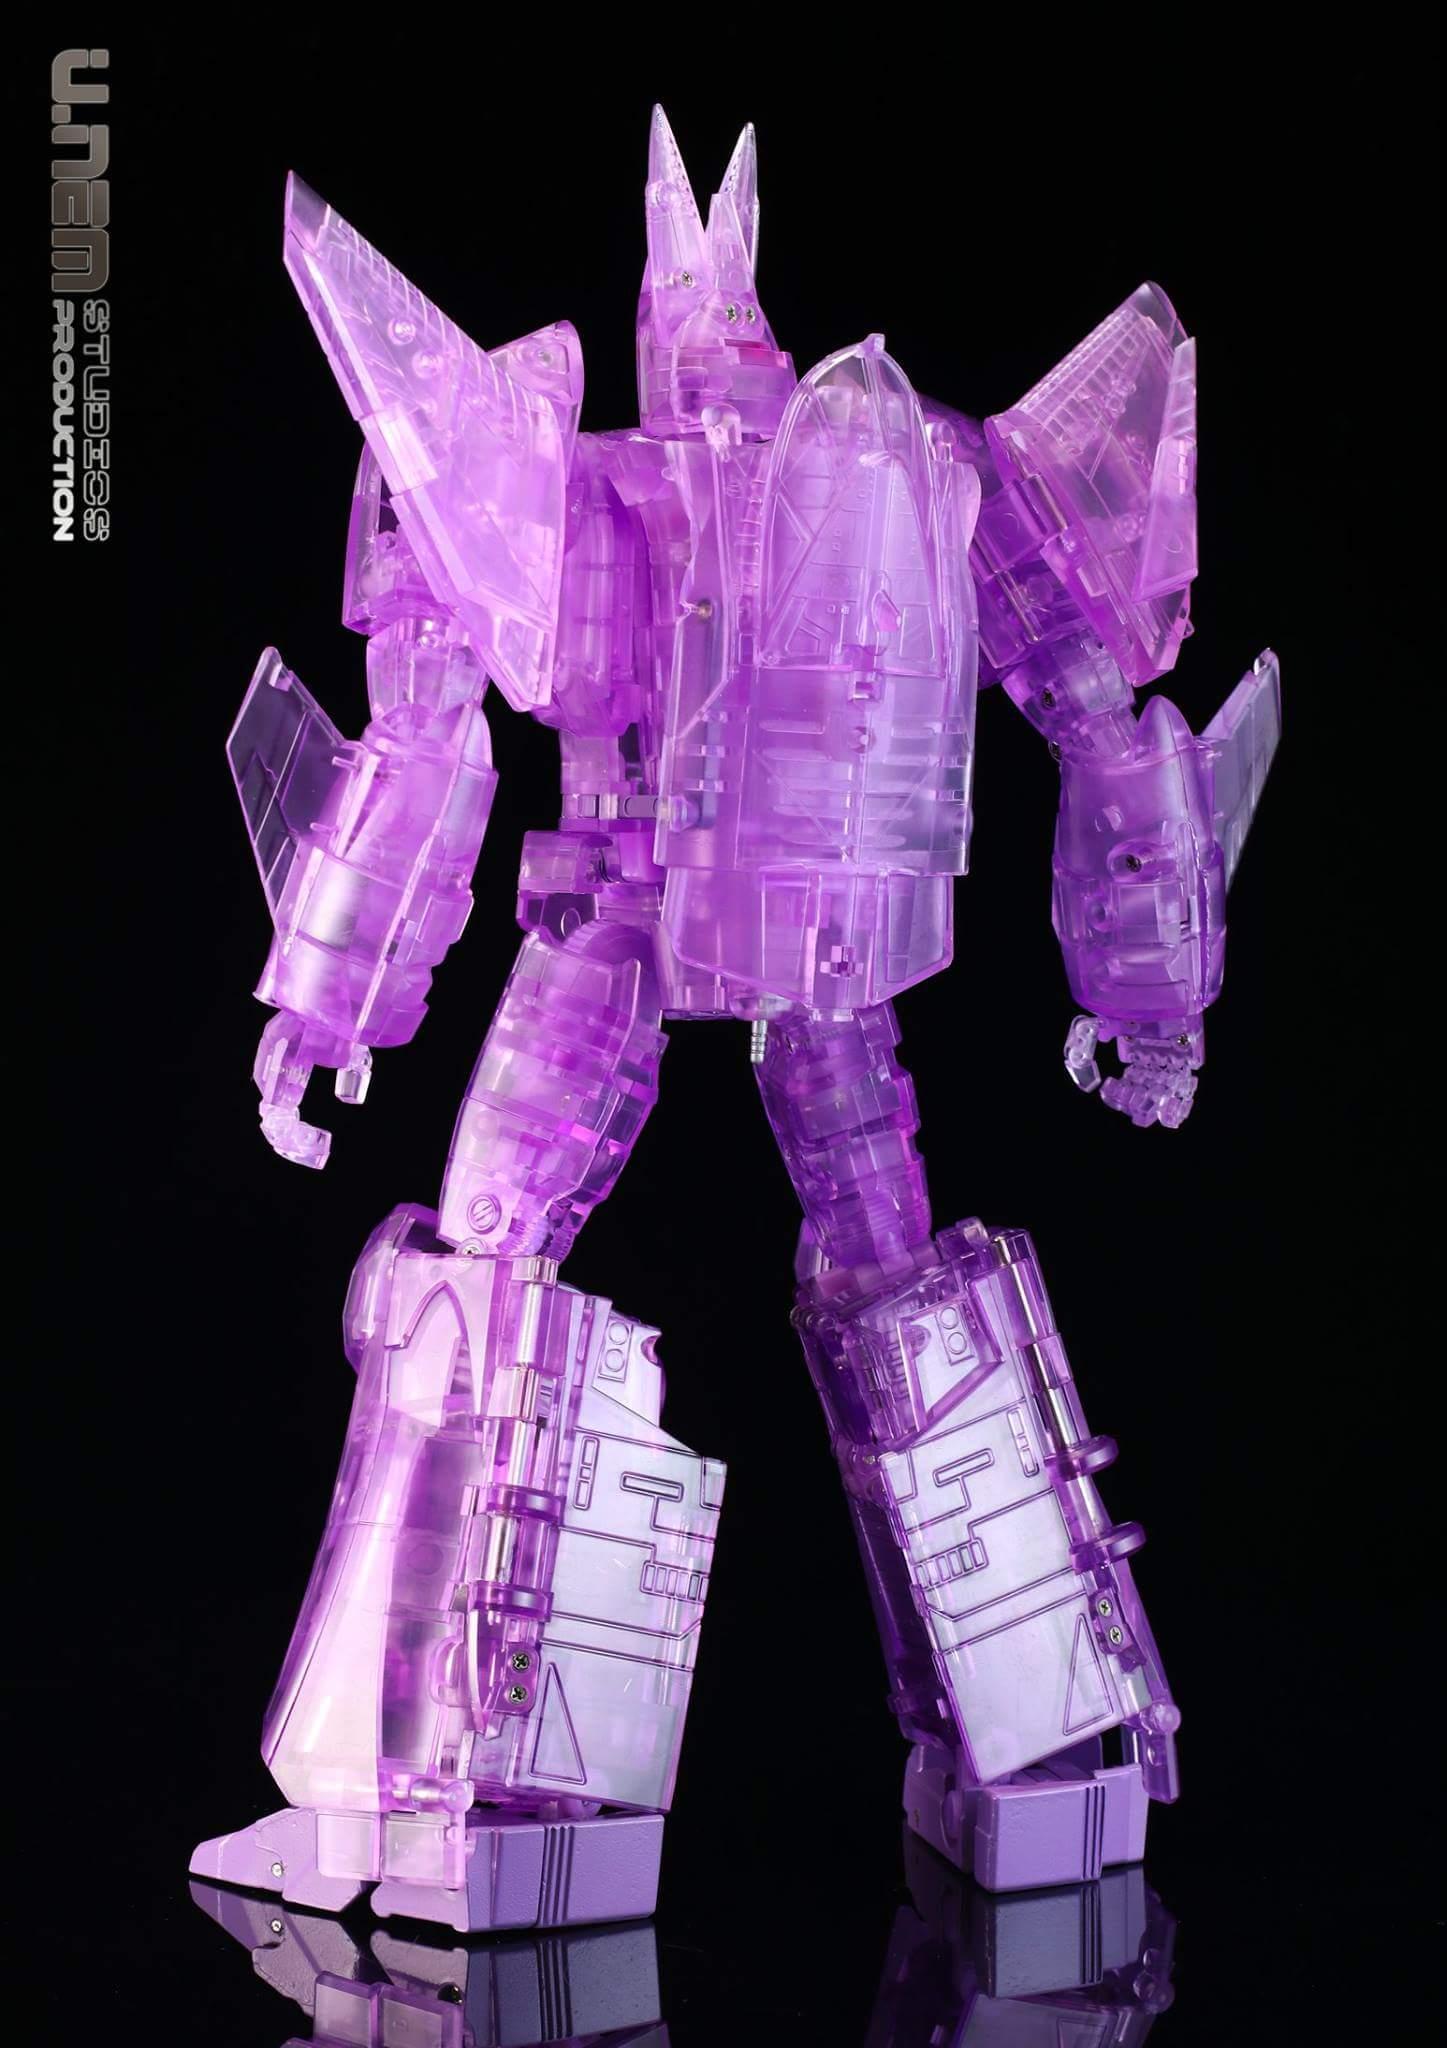 [X-Transbots] Produit Tiers - MX-III Eligos - aka Cyclonus - Page 3 Duw6rpRn_o